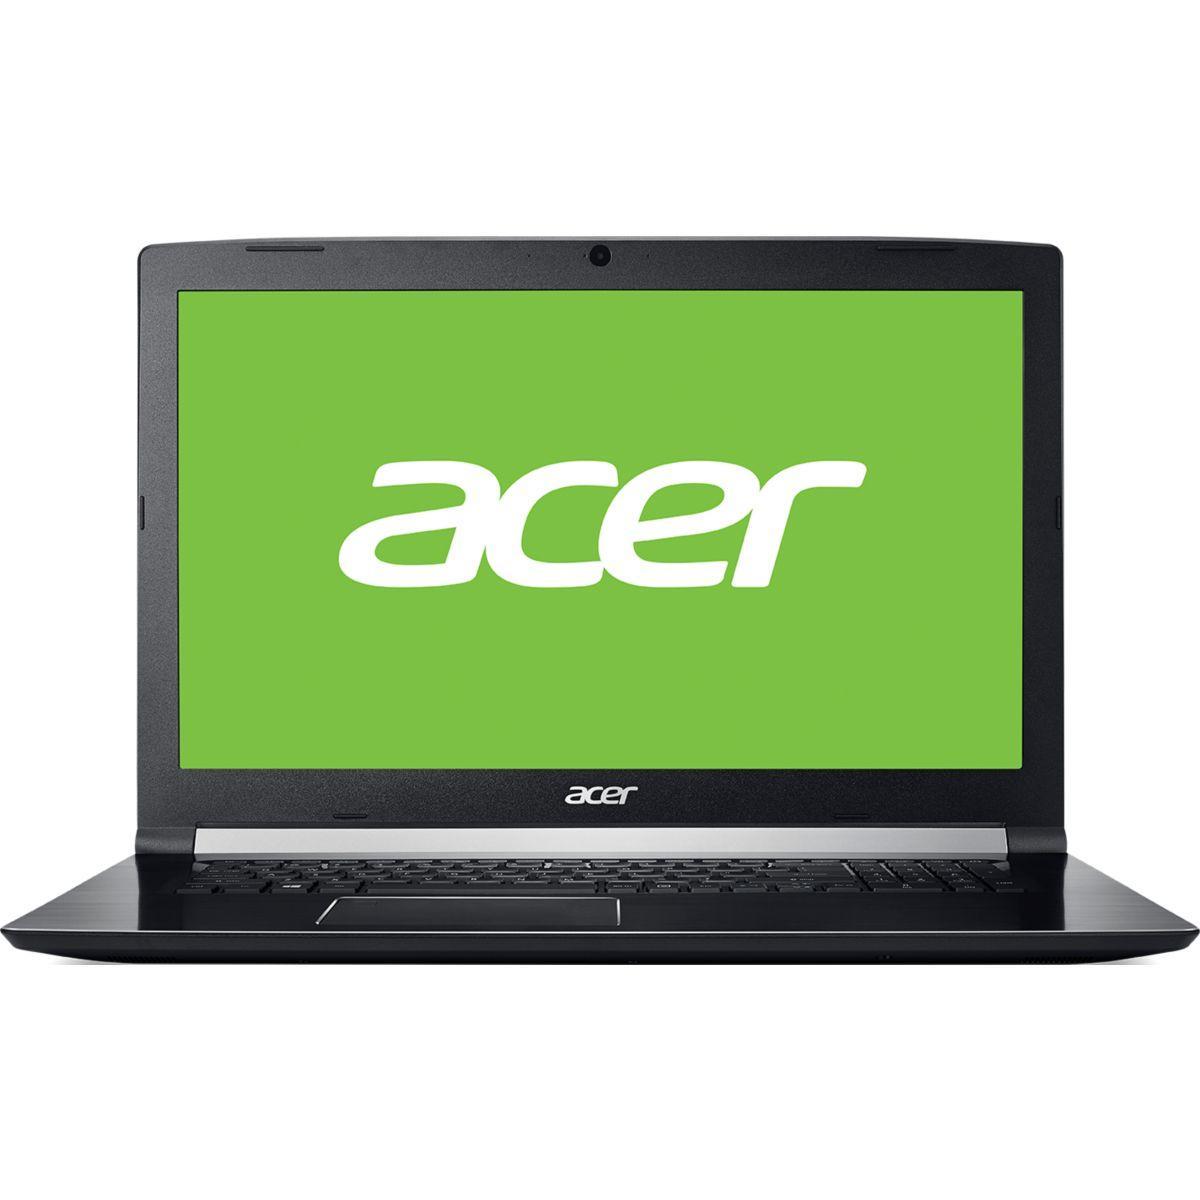 Portable acer aspire a717-71g-73ln - 7% de remise immédiate avec le code : anniv7 (photo)